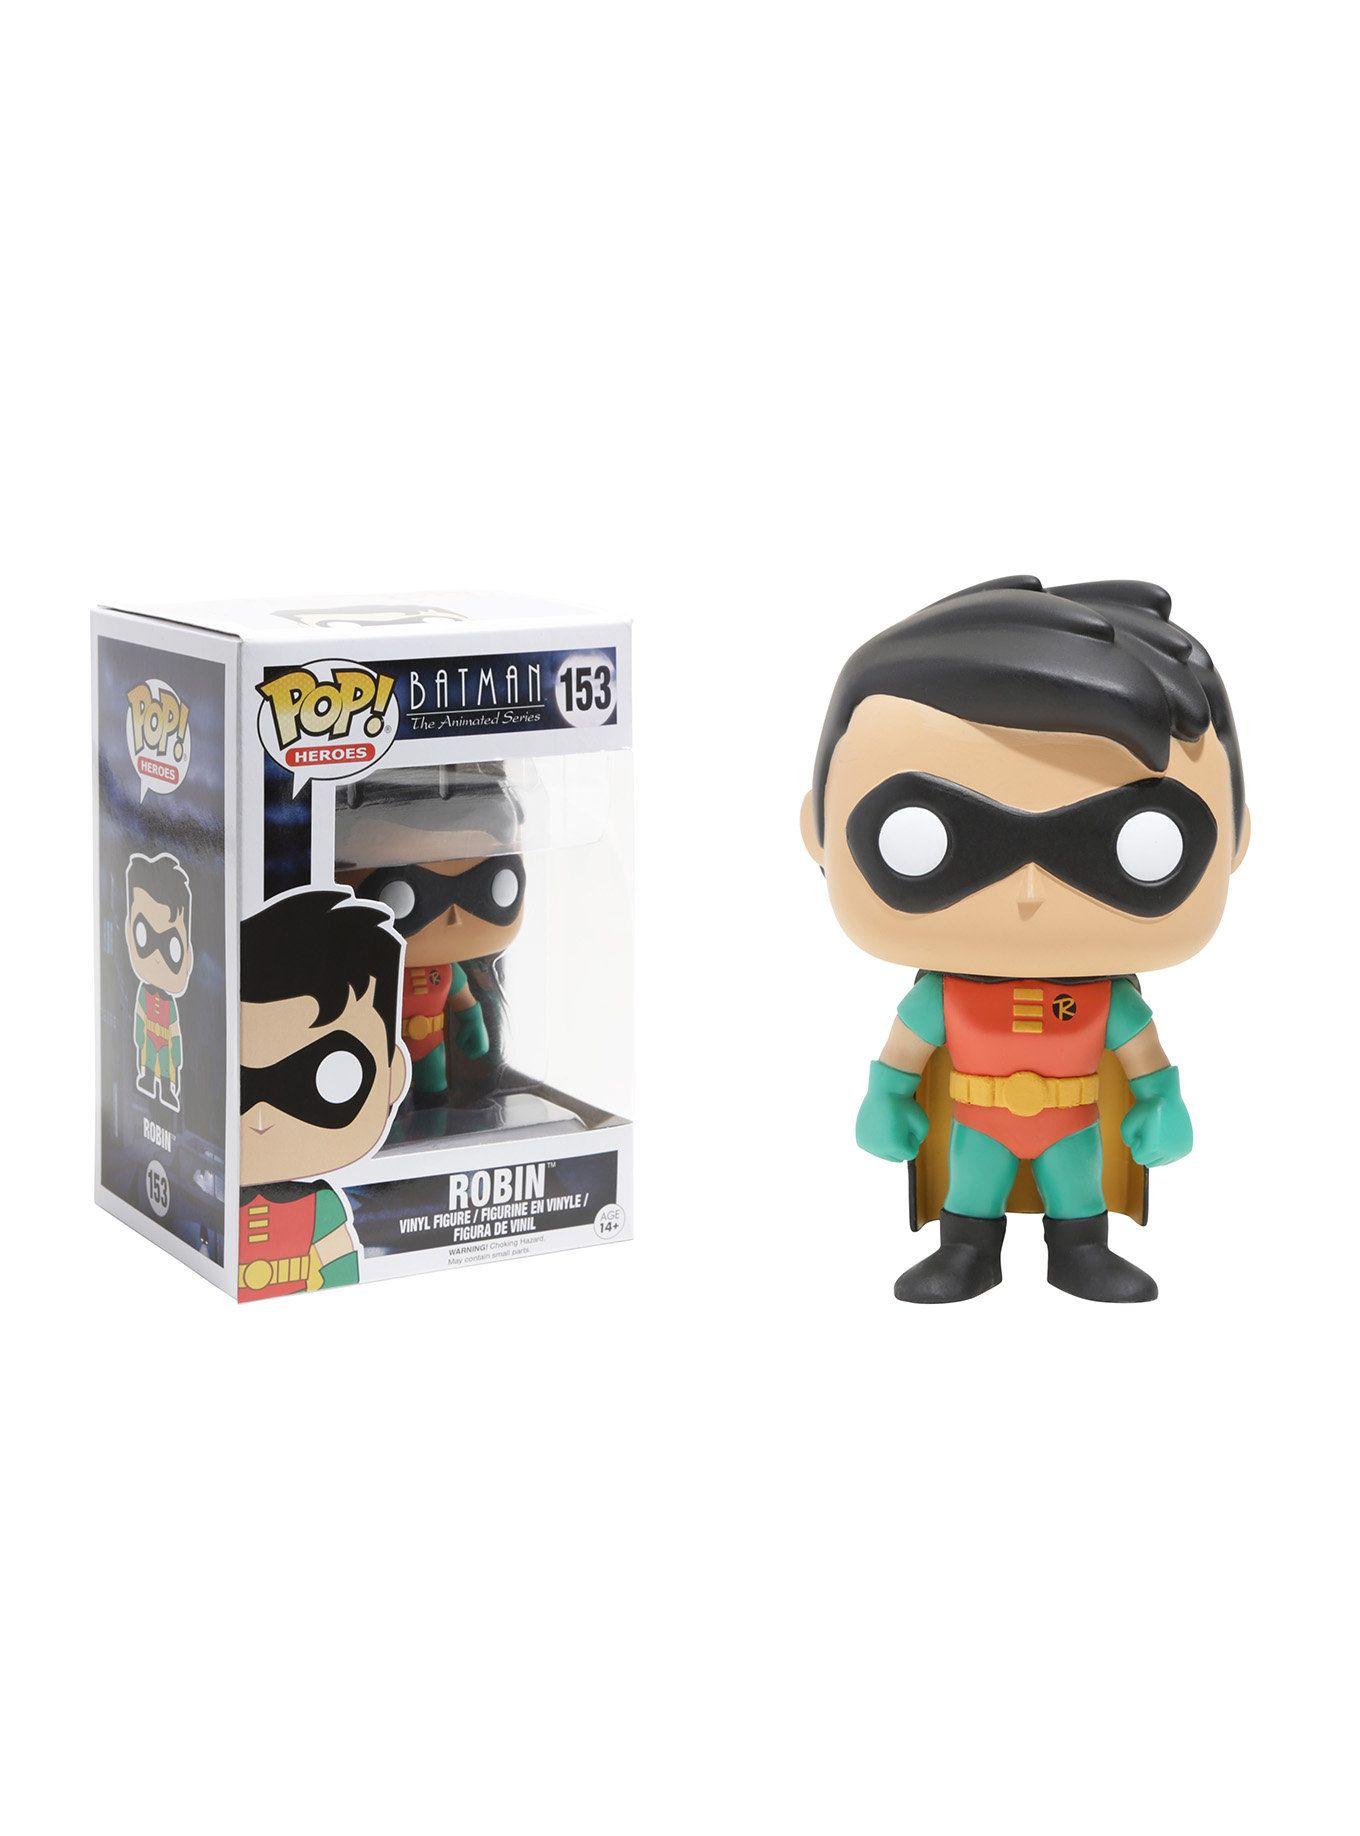 Funko Pop Heroes 153 Robin